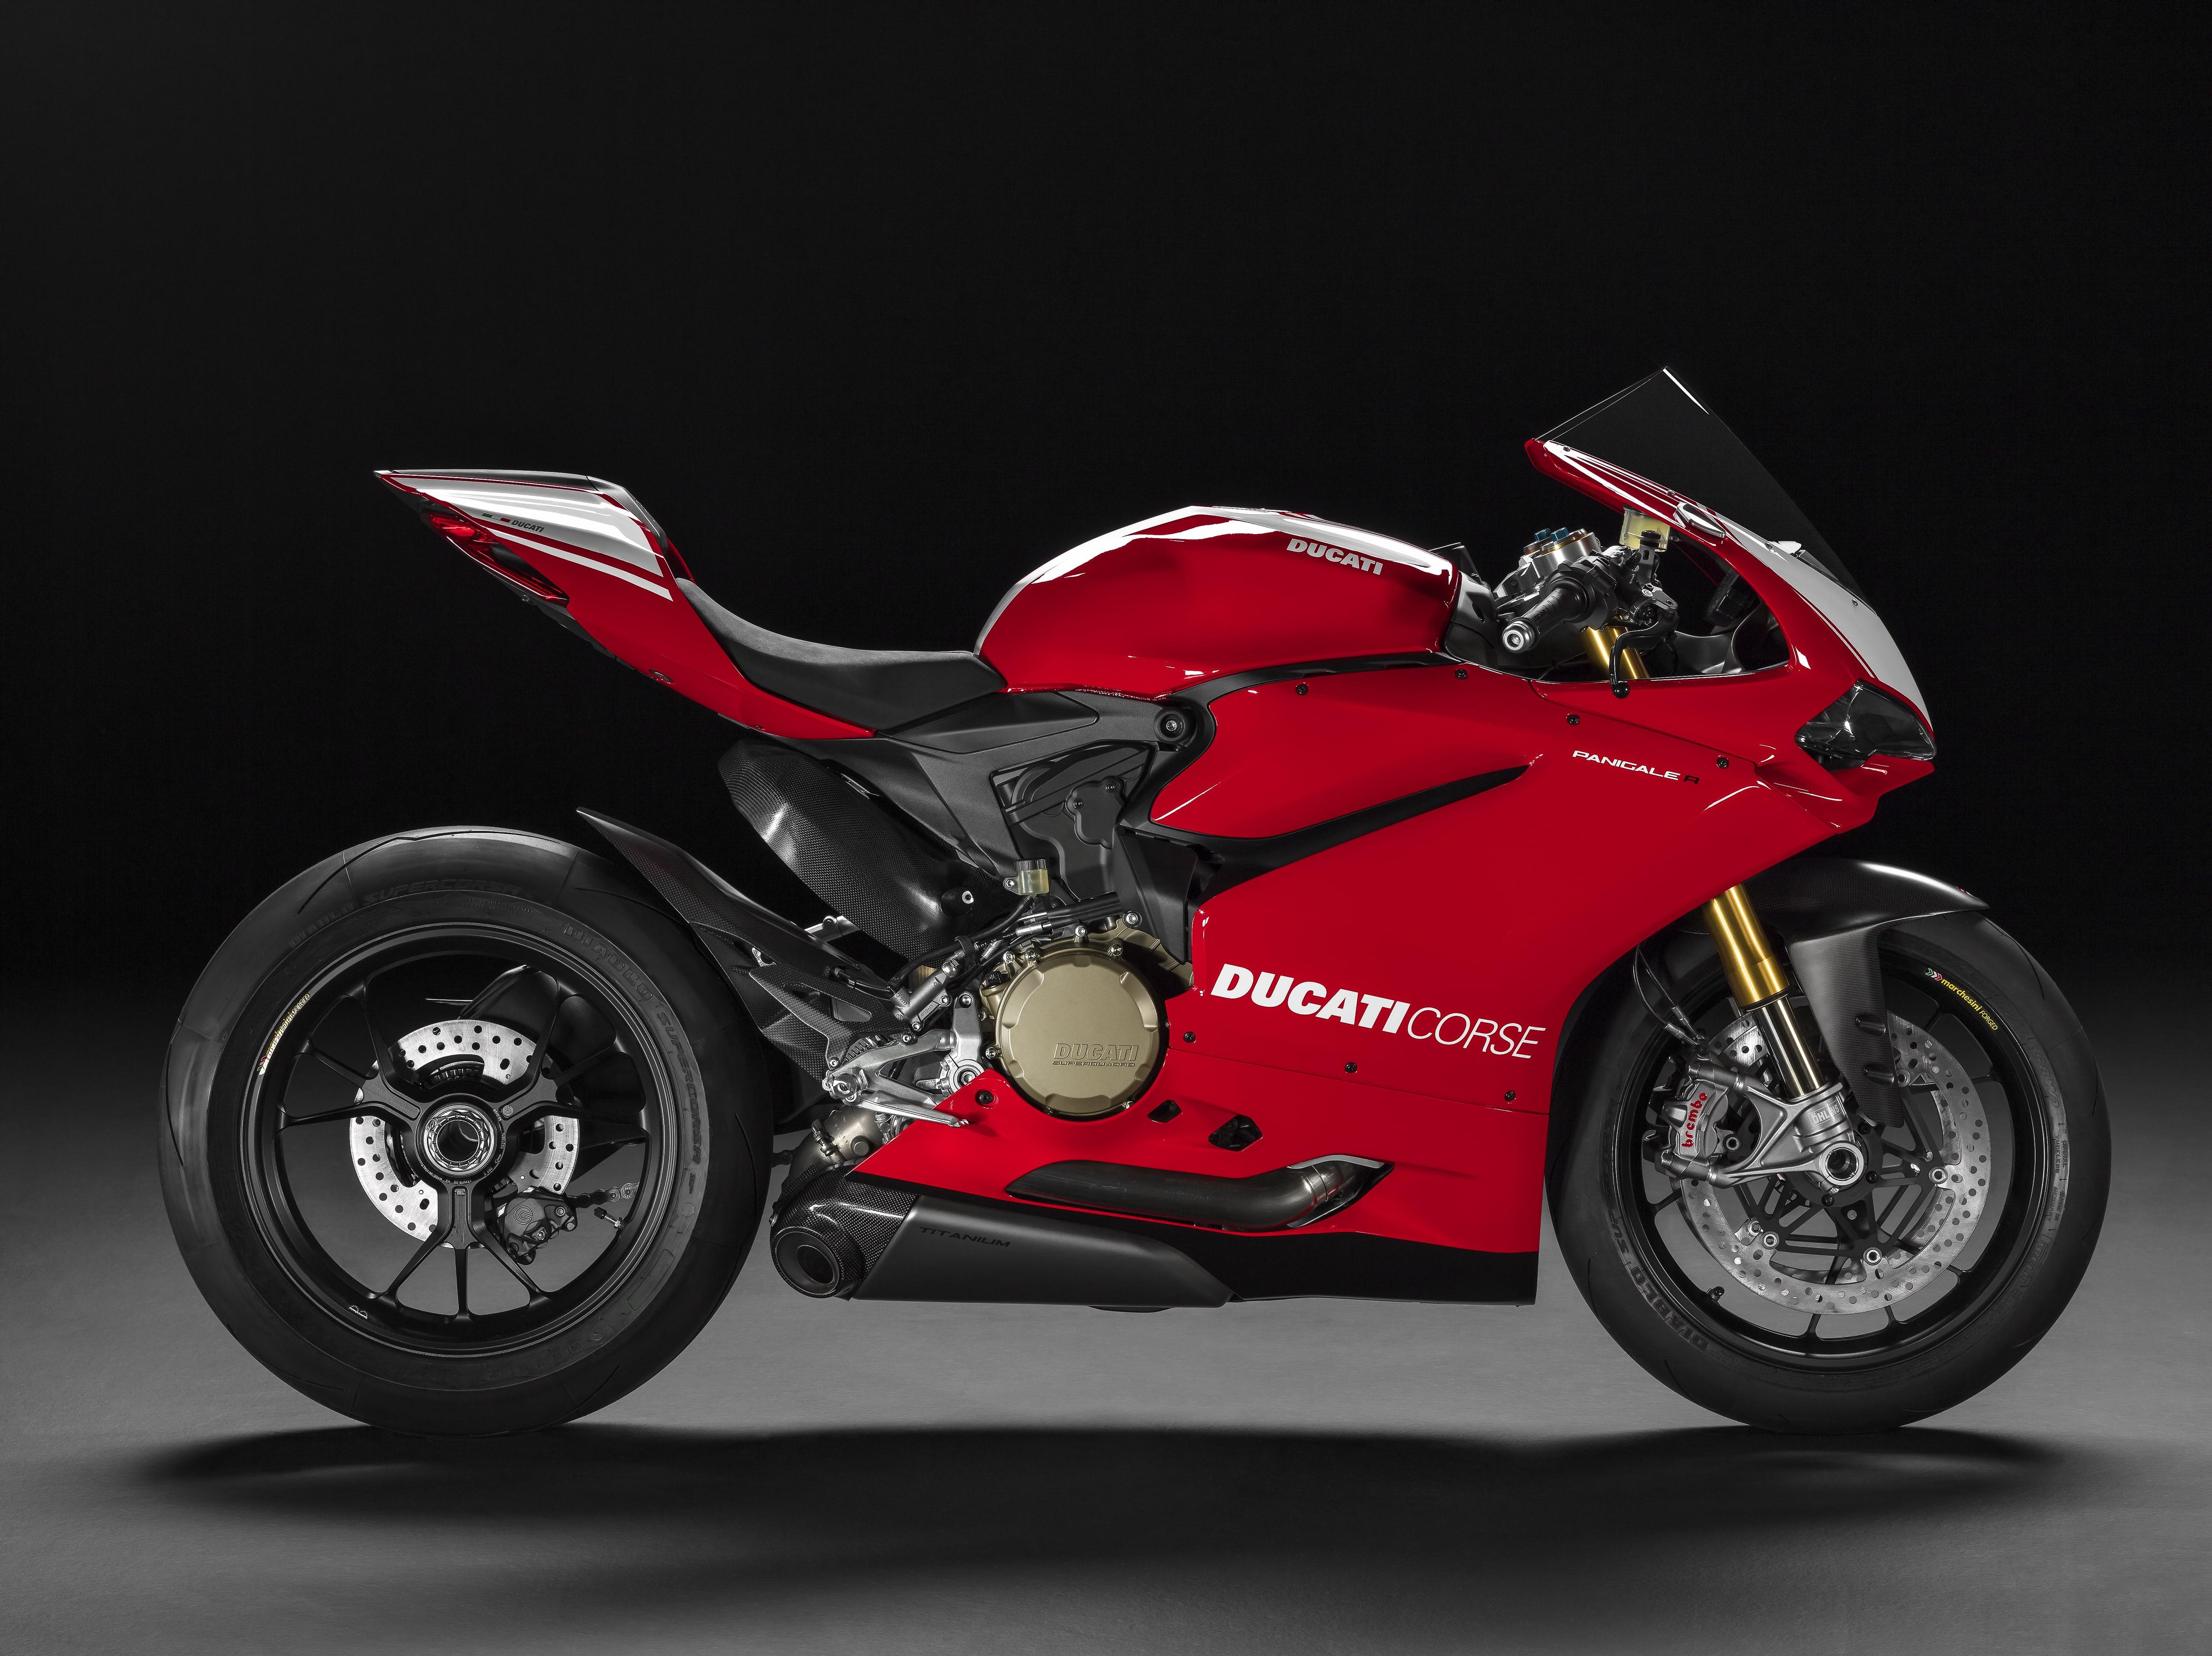 Ducati Panigale nuovi modelli 2017